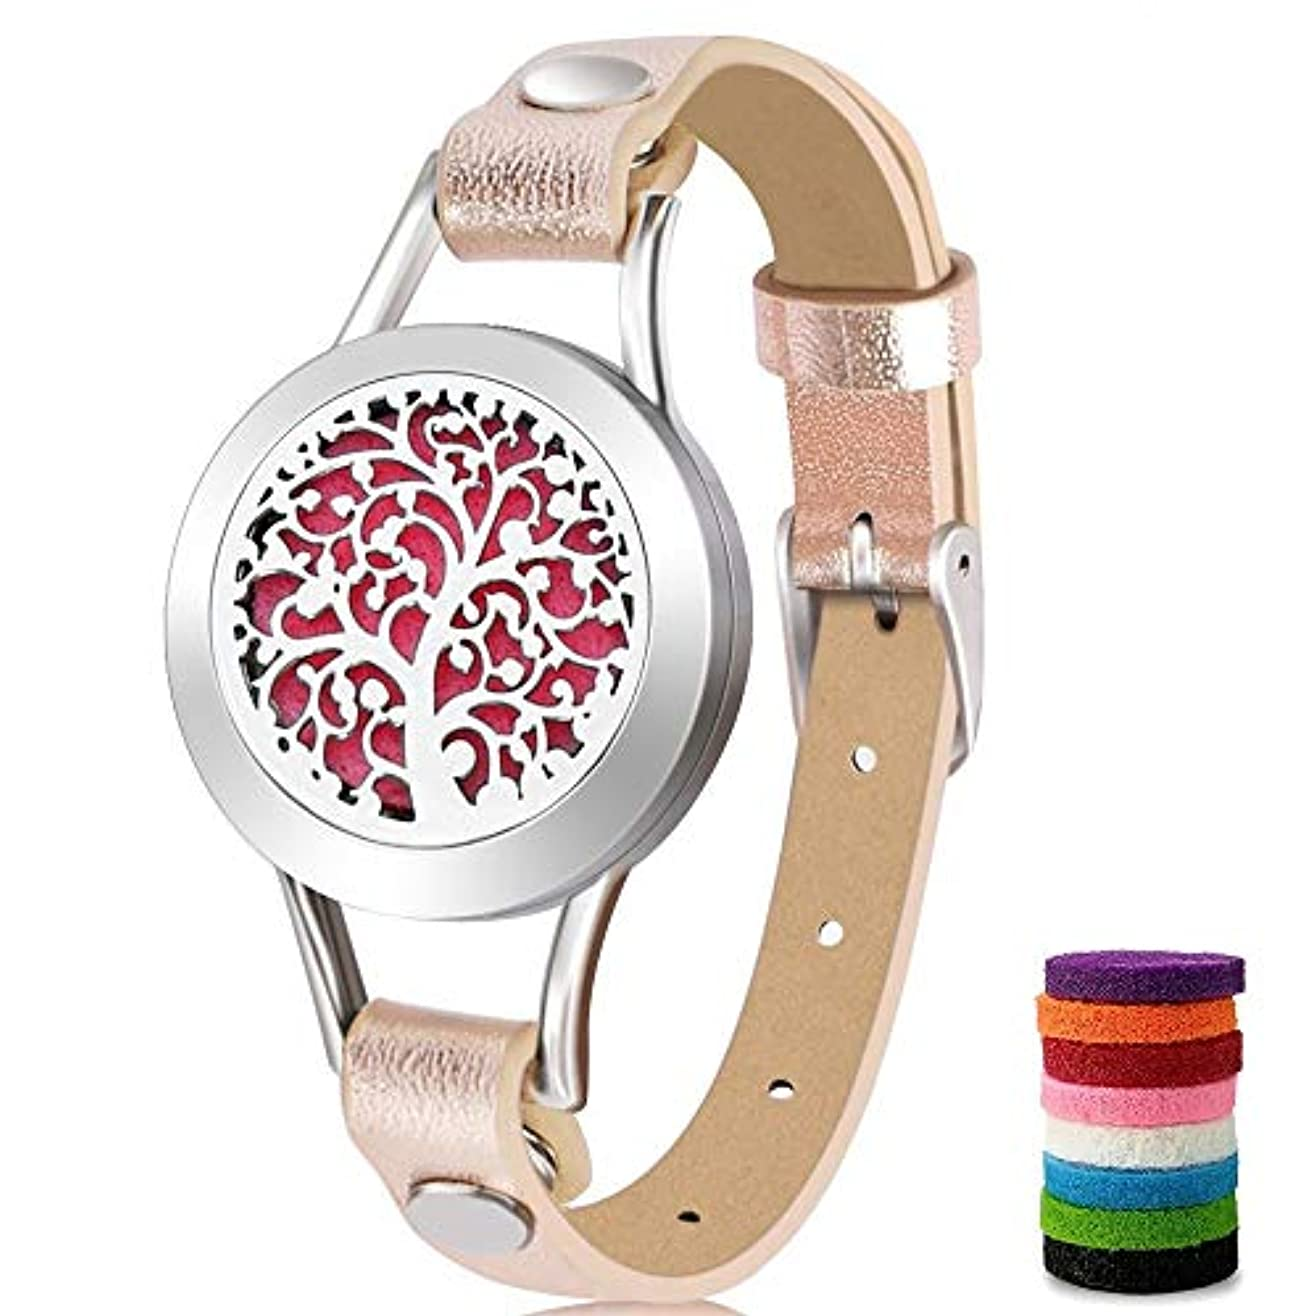 弱点幻想集団アロマセラピーエッセンシャルオイルディフューザーブレスレット(ピンク) 8色の詰め替えパッド付き 愛する人への特別なギフトアイデア ゴールド